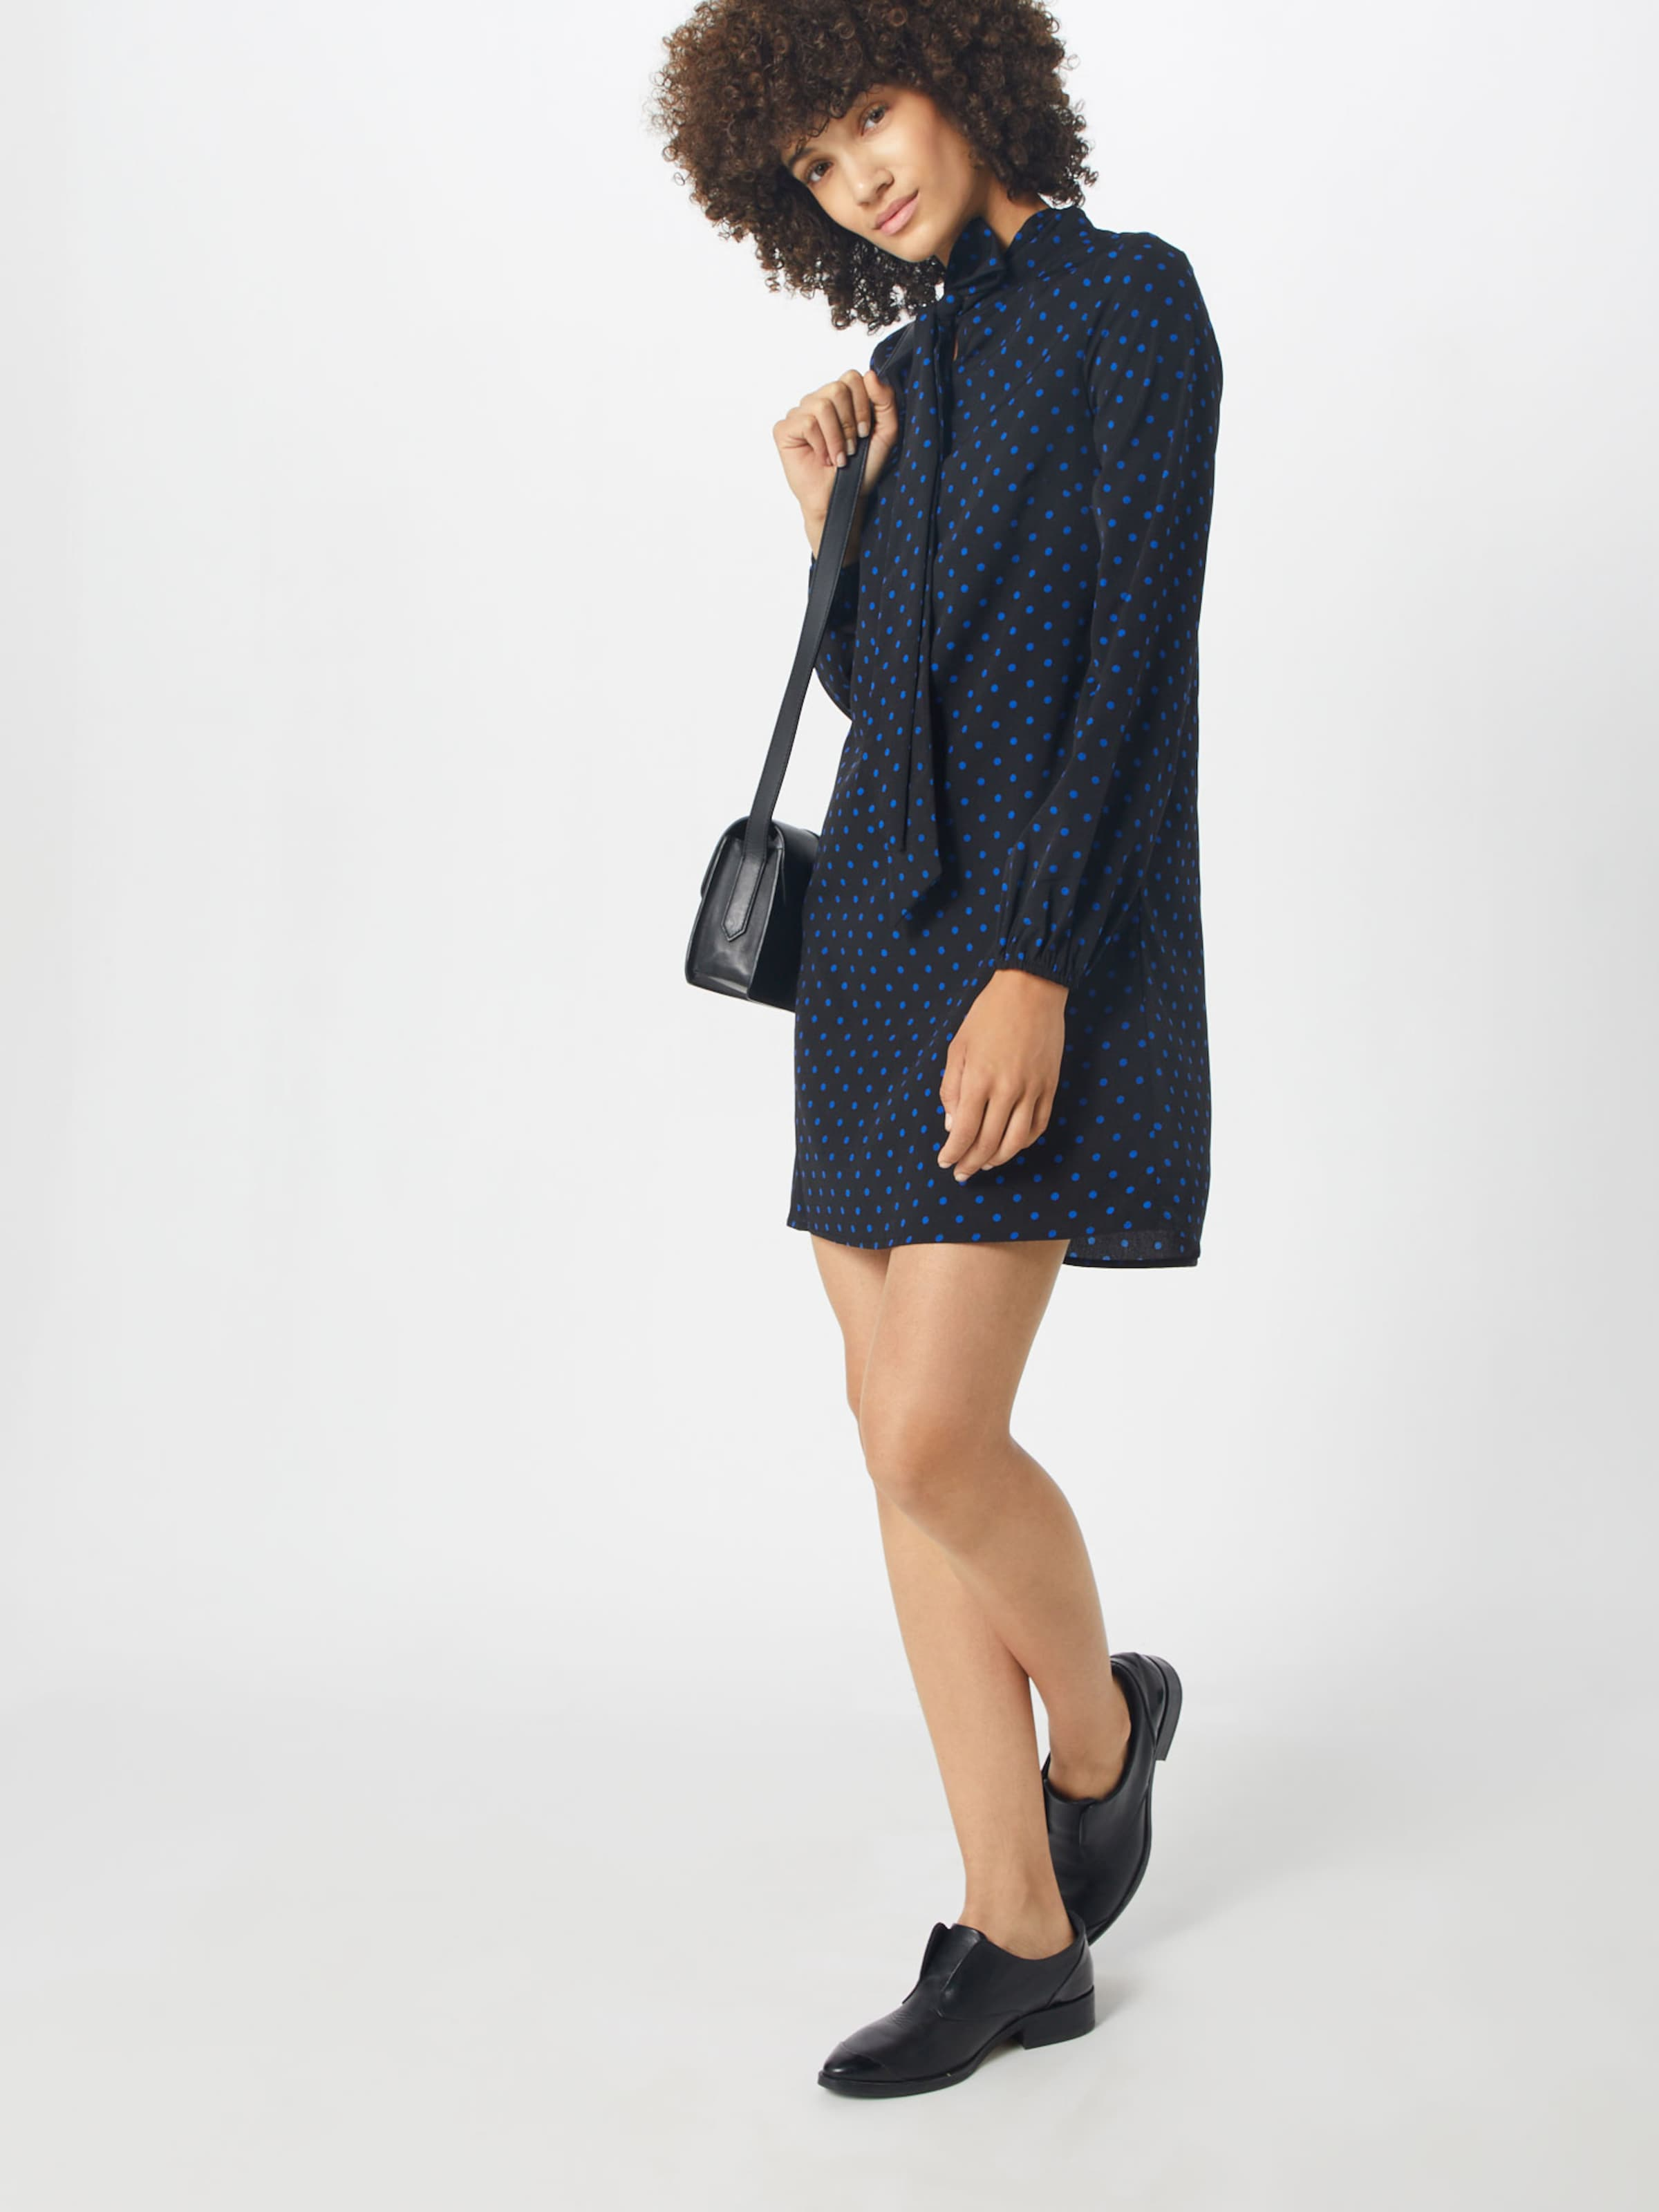 Robe Union Bleu Fashion En chemise 'pj' xeordCB